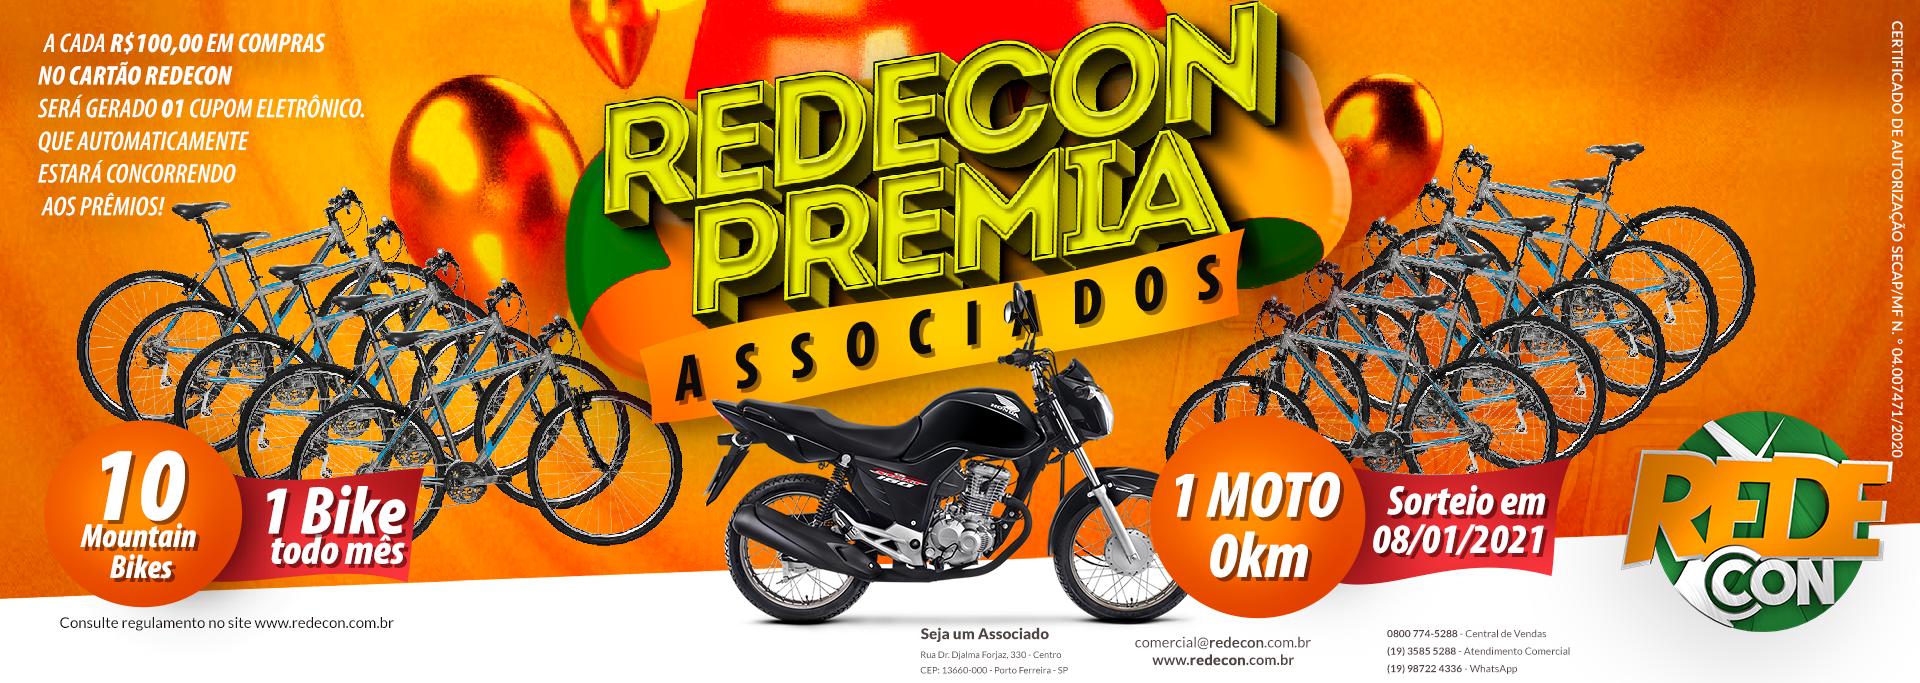 Redecon Premia